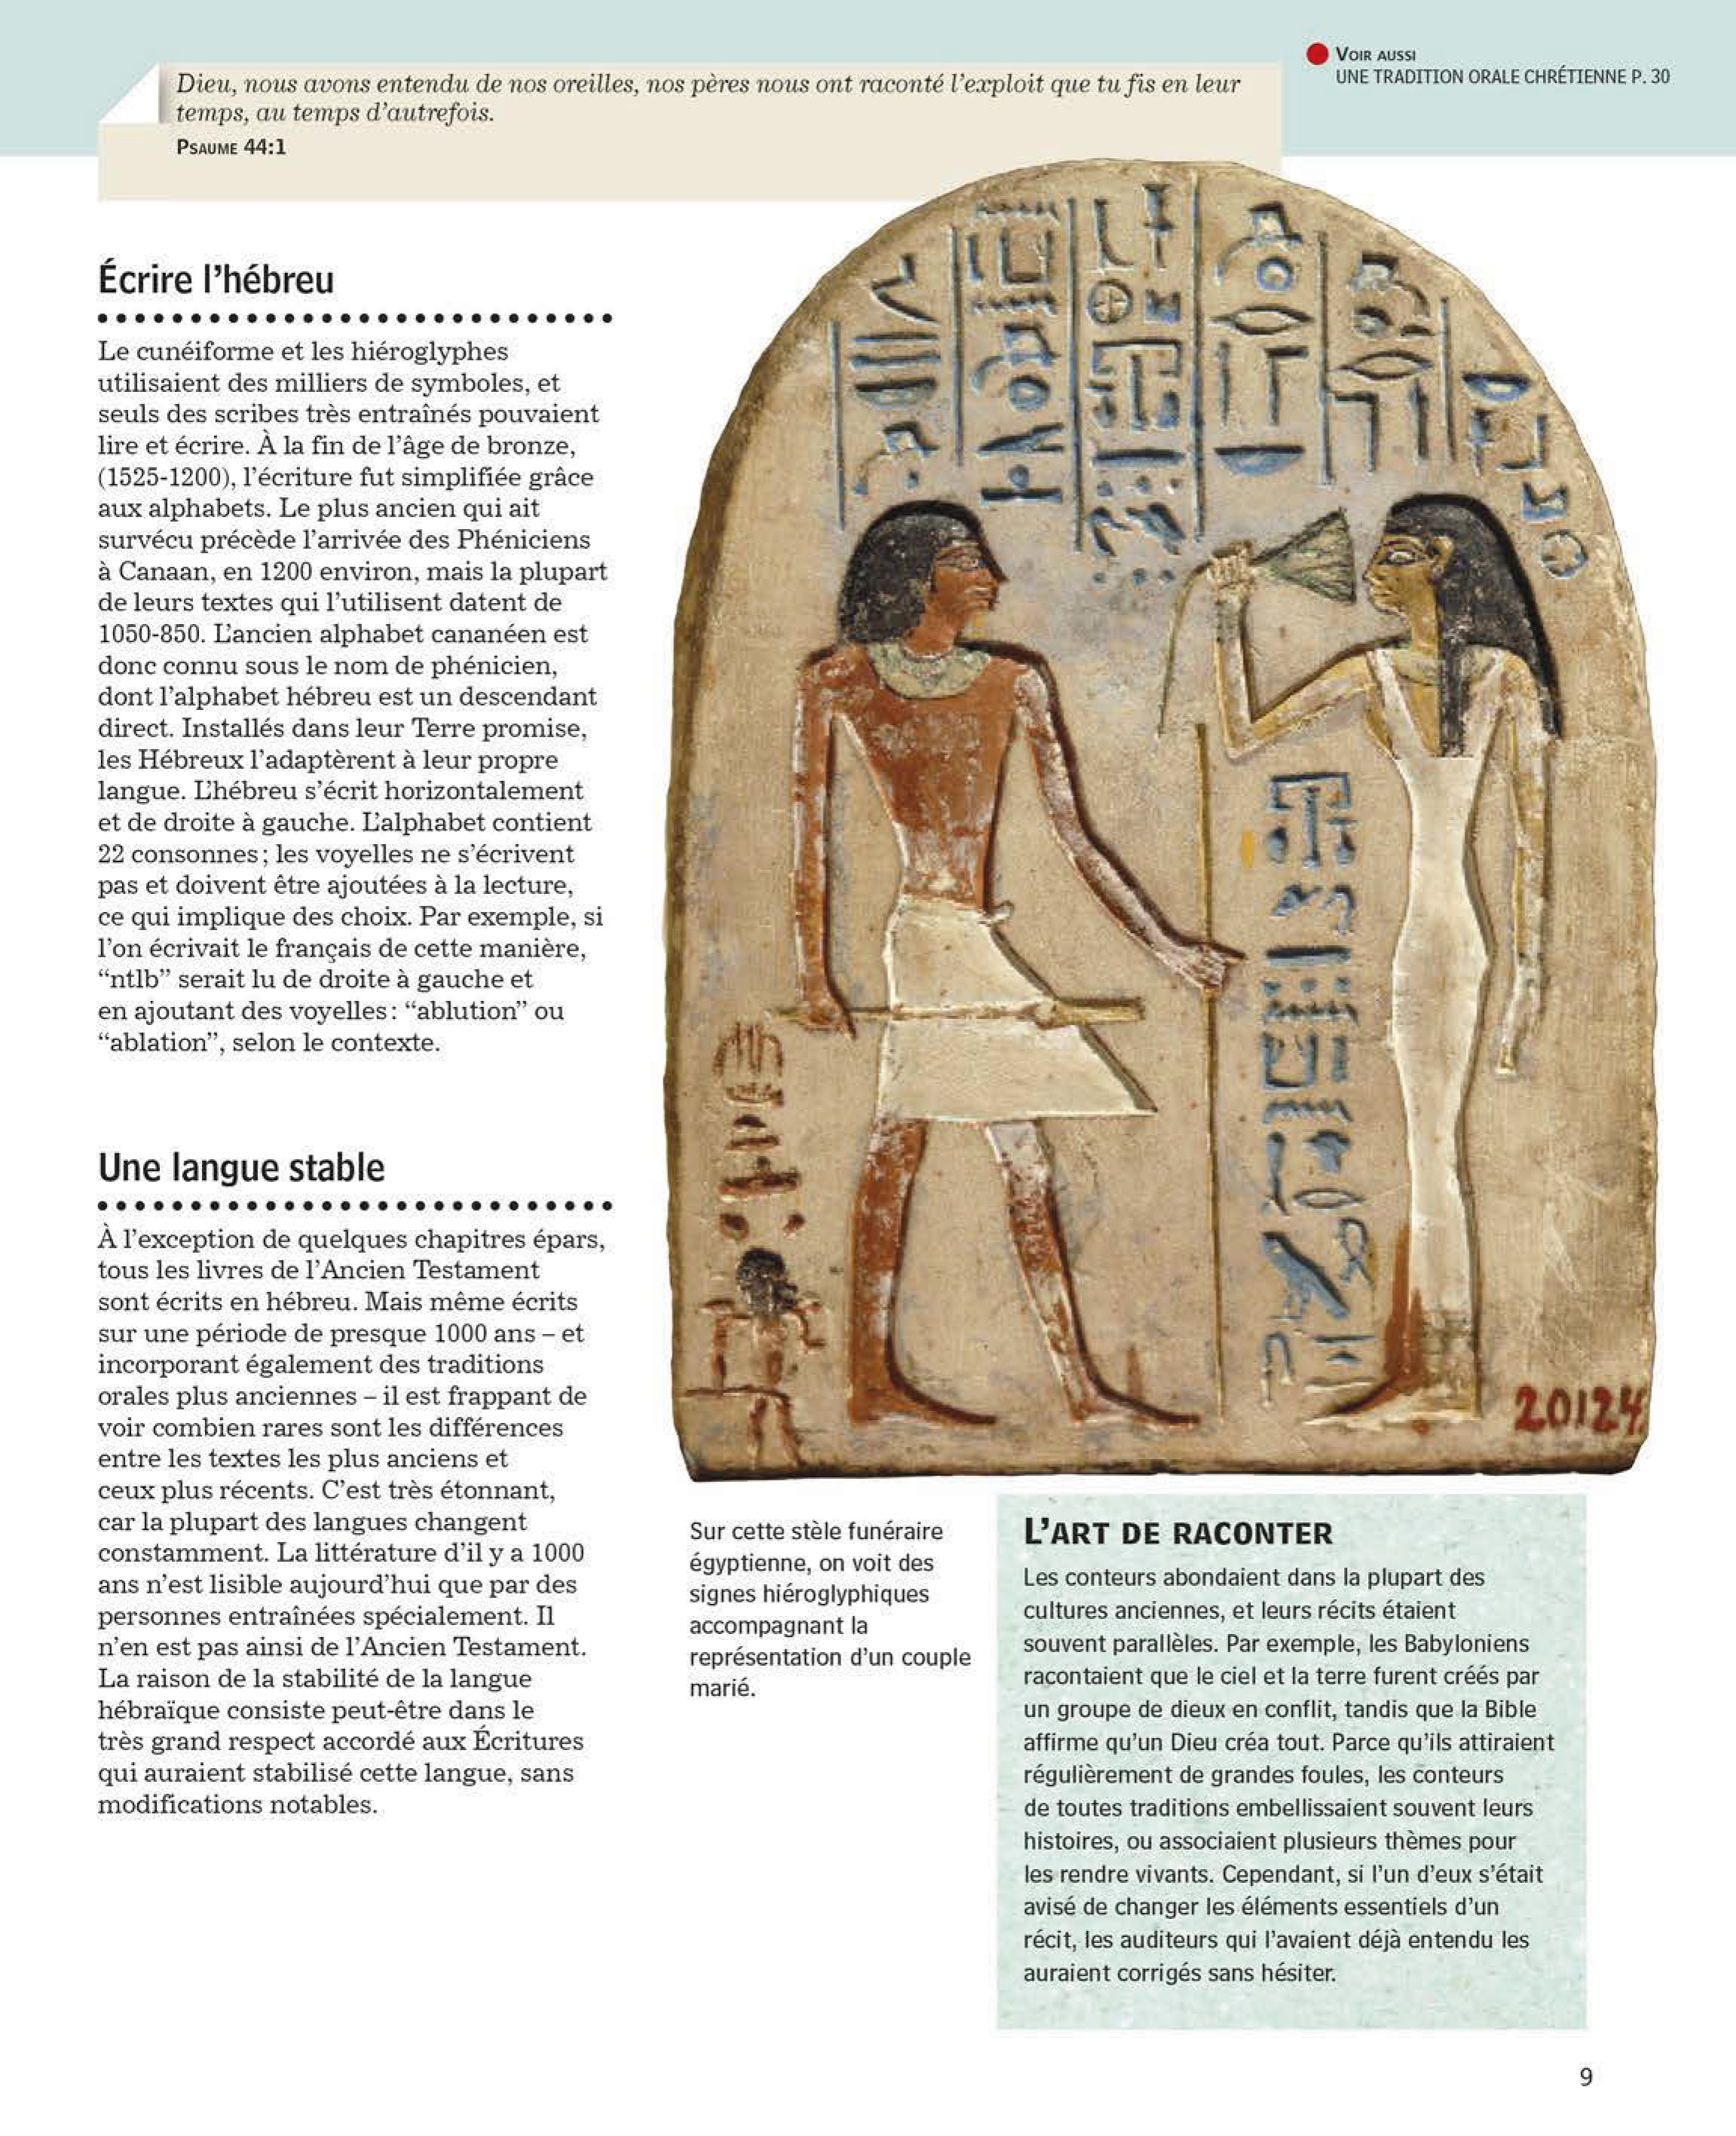 Bible, guide historique illustré